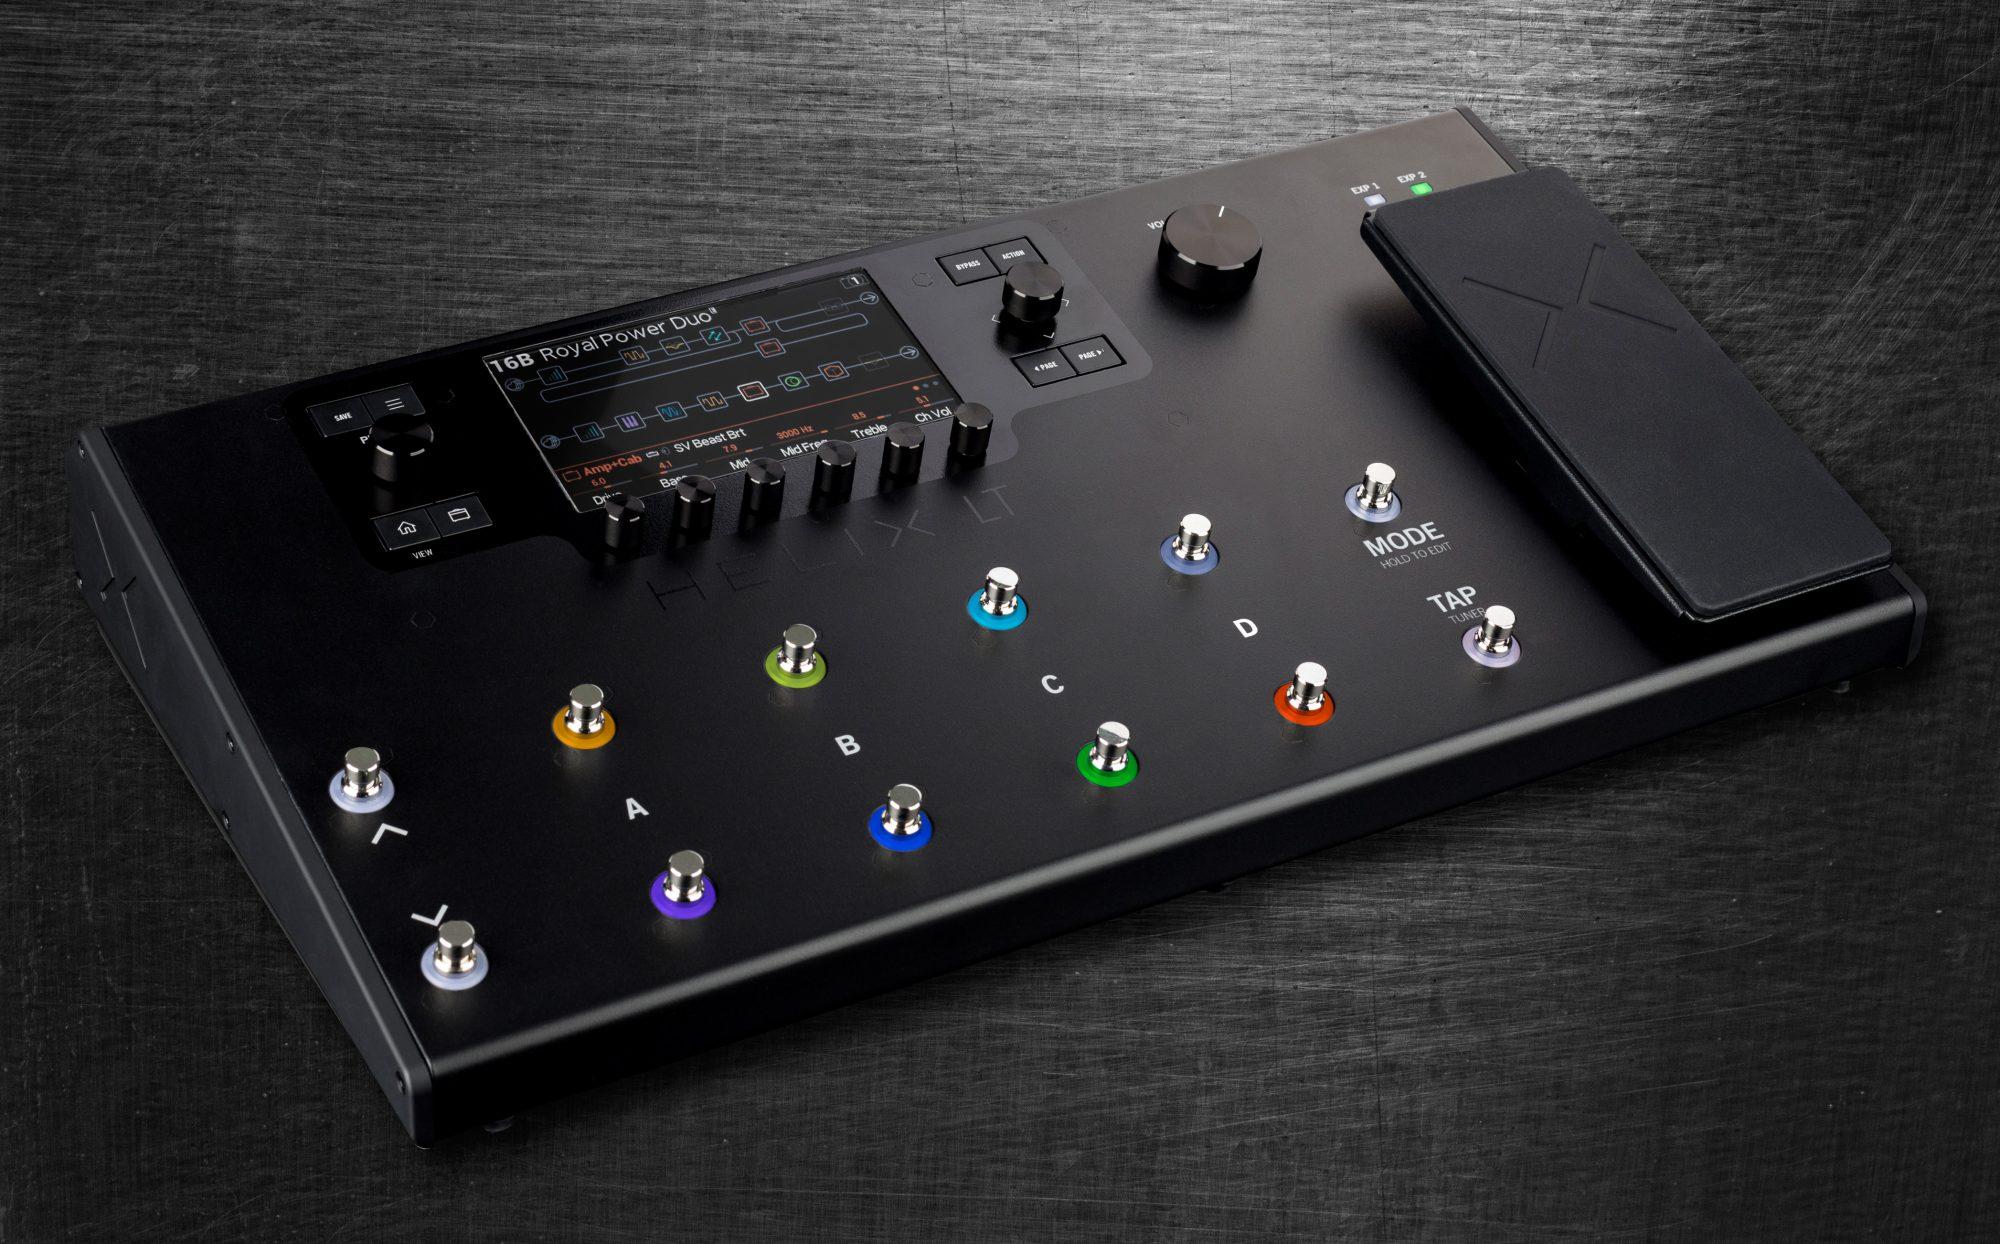 Line 6 Helix LT Gitarrenprozessor Multieffektgerät